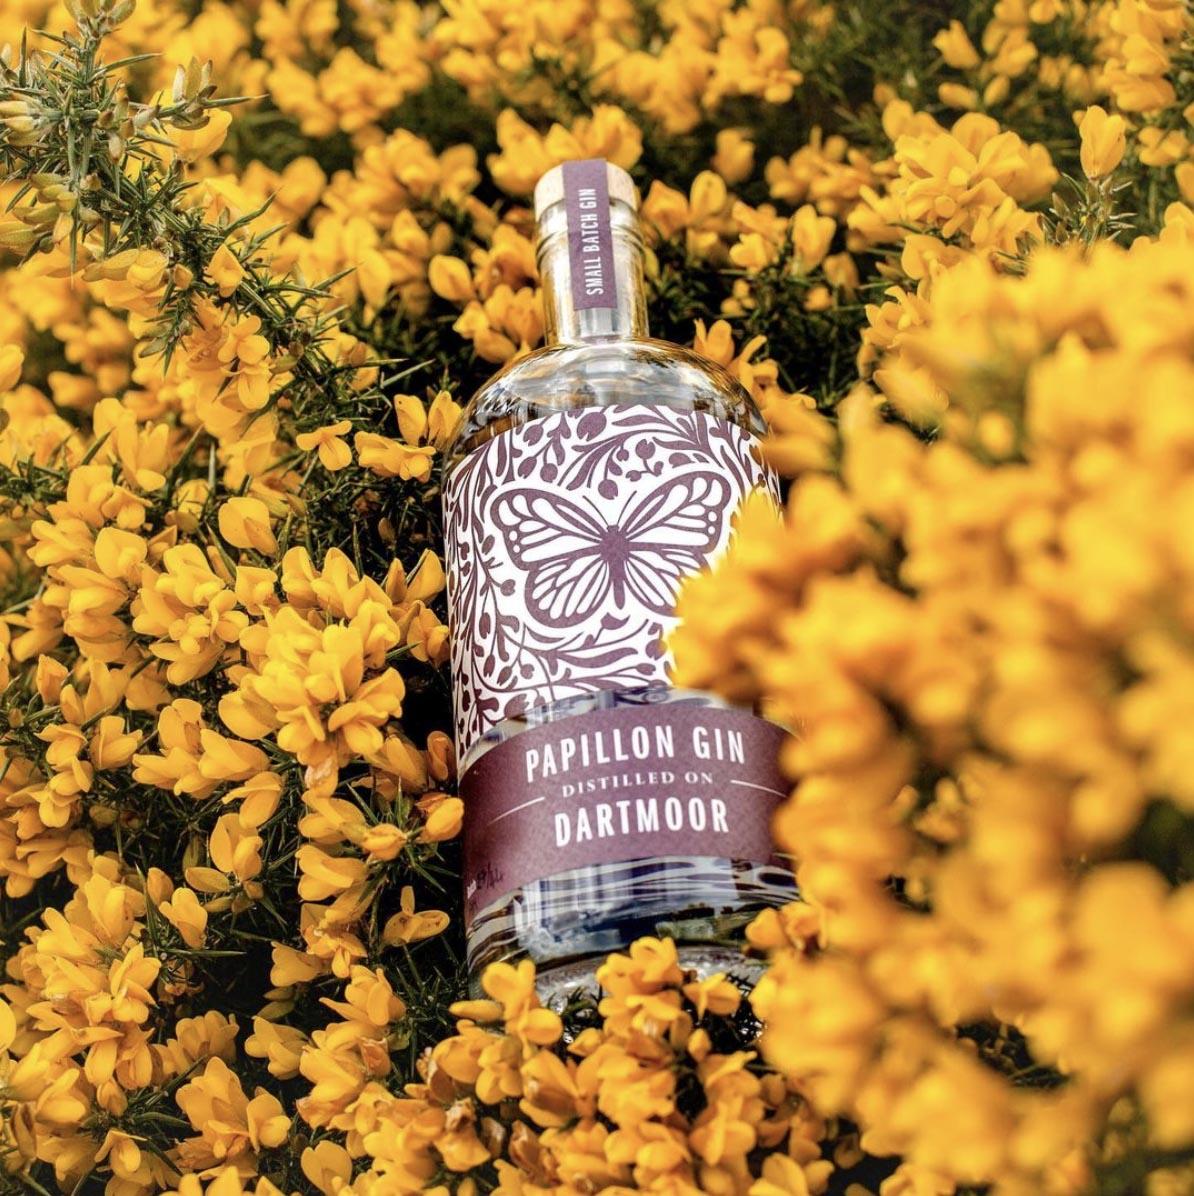 Papillon Gin, Dartmoor